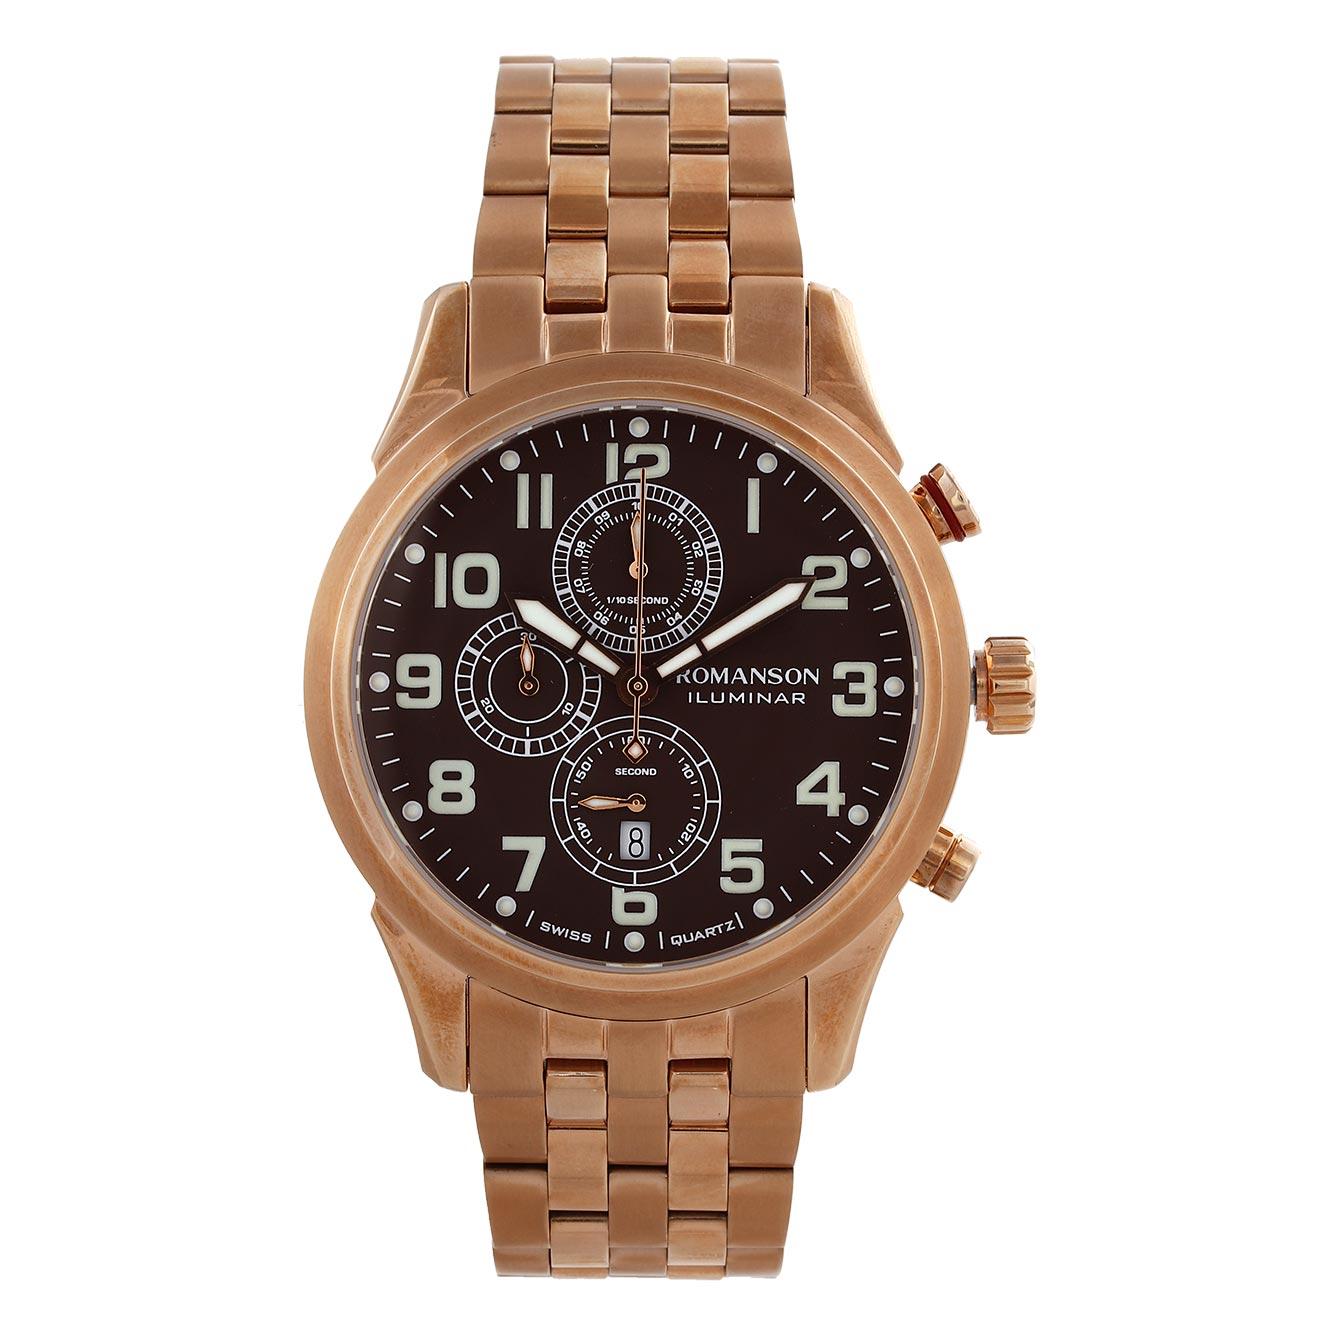 ساعت مچی عقربه ای مردانه رومانسون مدل AM6A14HMRRABR5